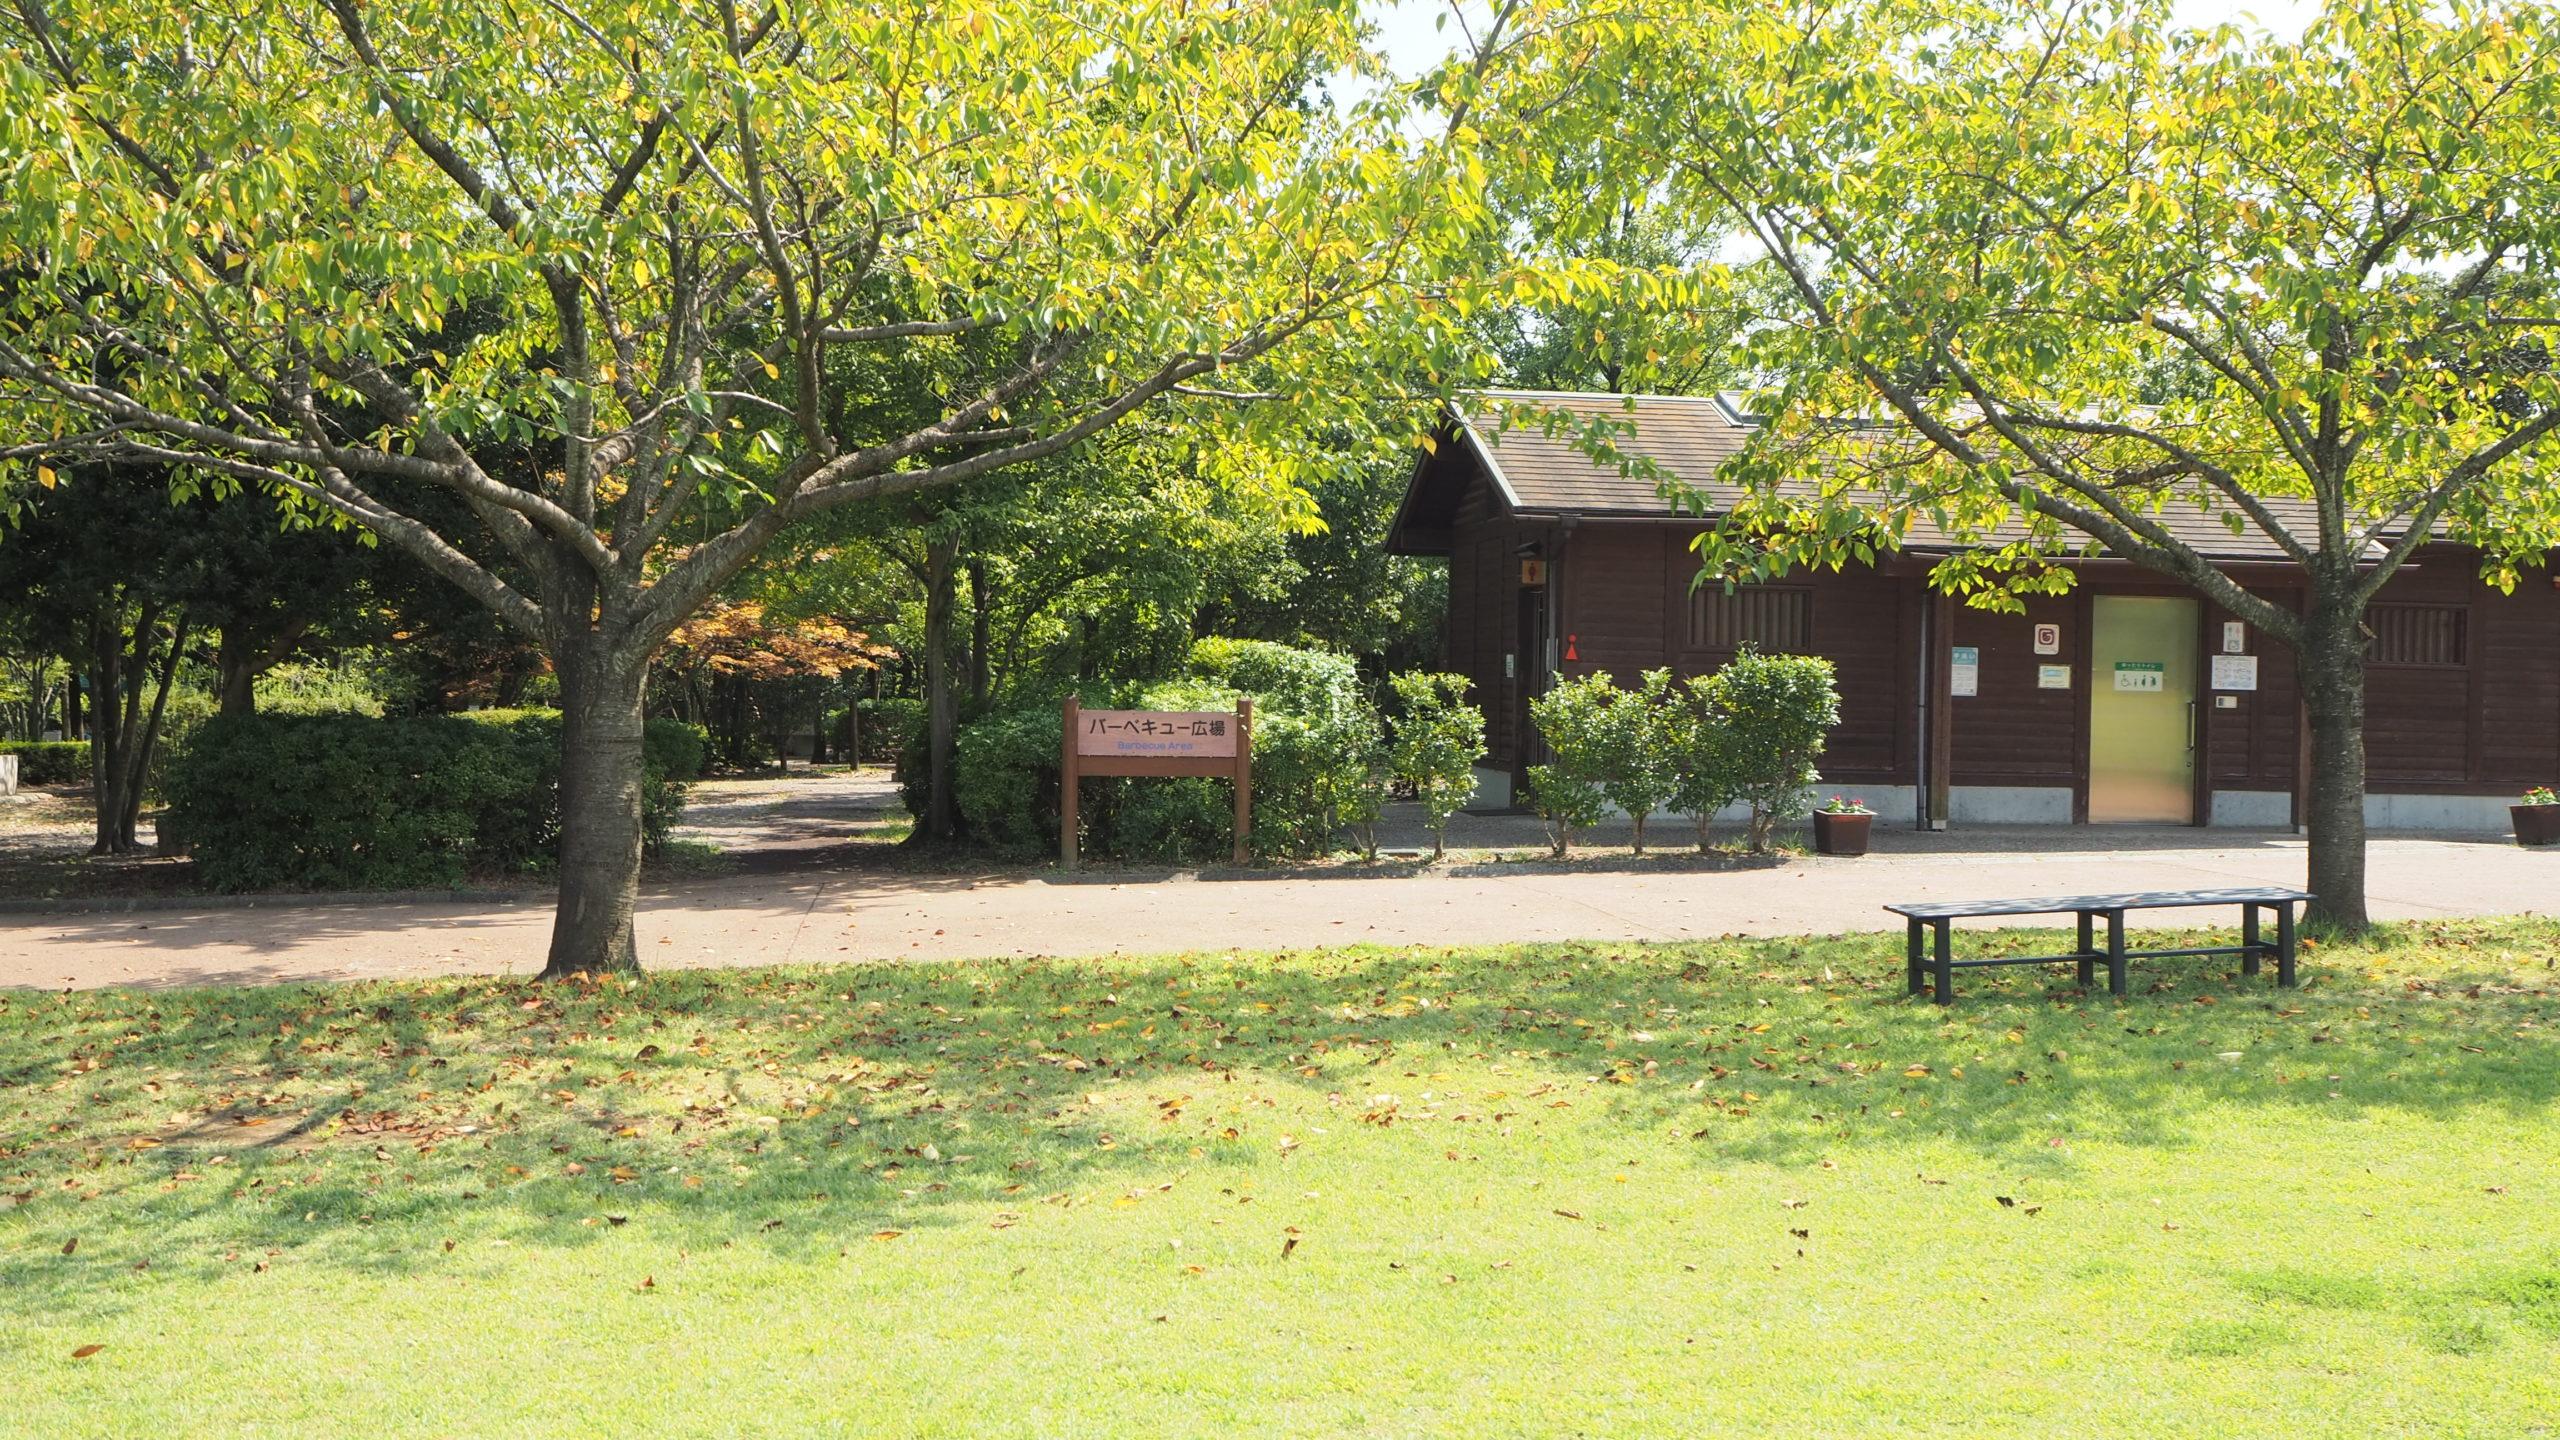 バーベキュー広場 観音山ファミリーパーク